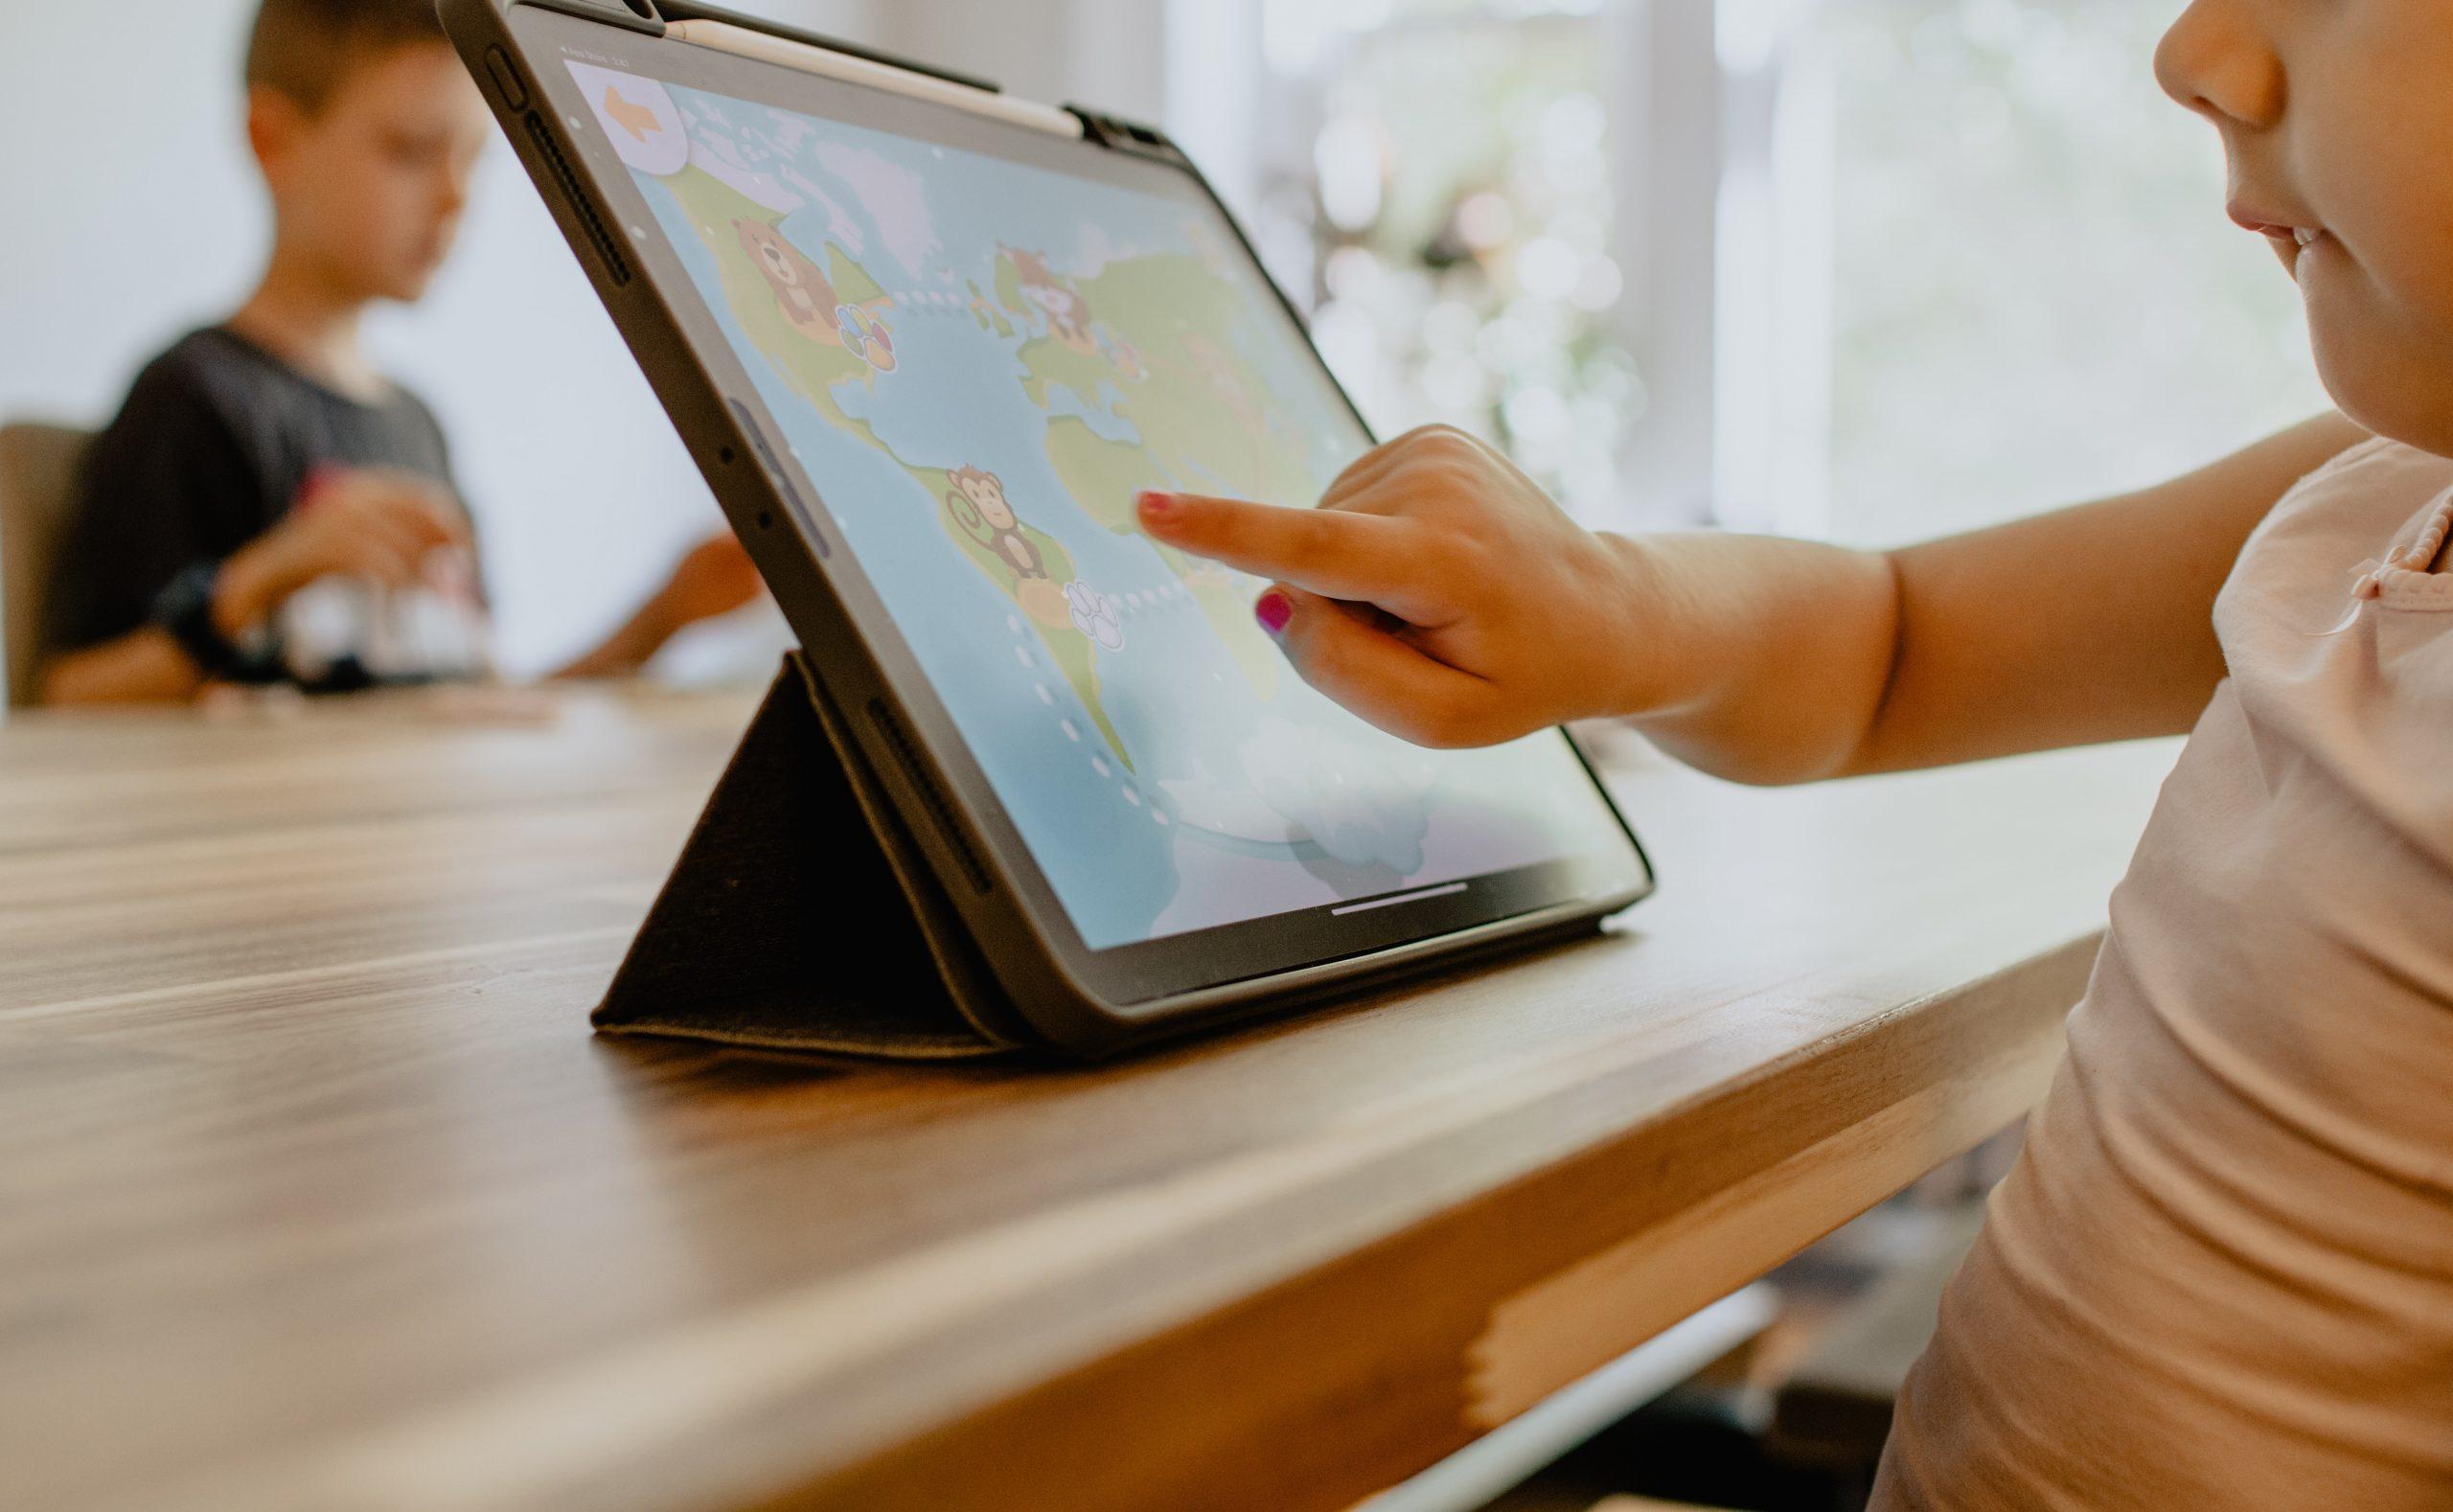 Imagem de uma criança passando o dedo na tela do tablet